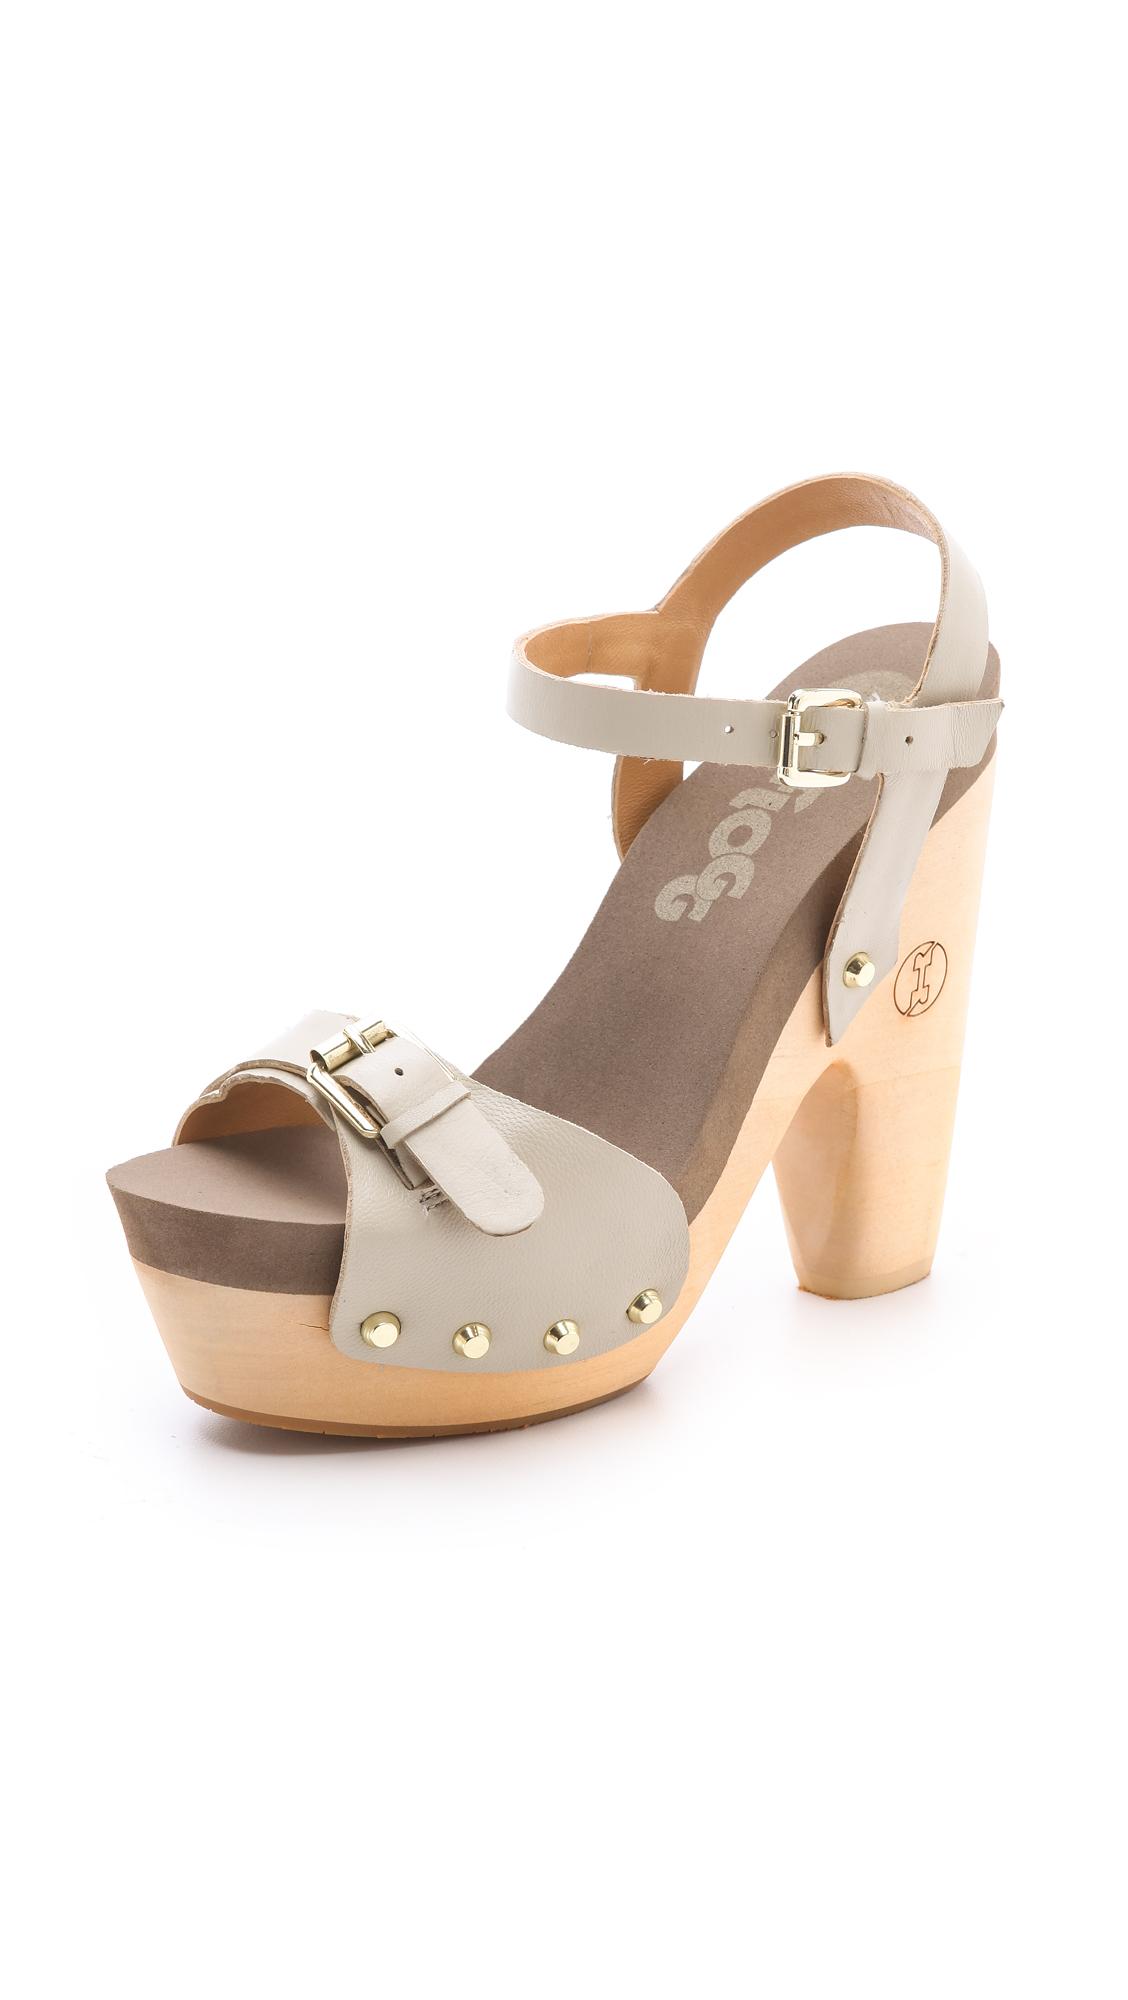 1a3c48a010d6 Flogg Cassie Platform Clog Sandals on PopScreen